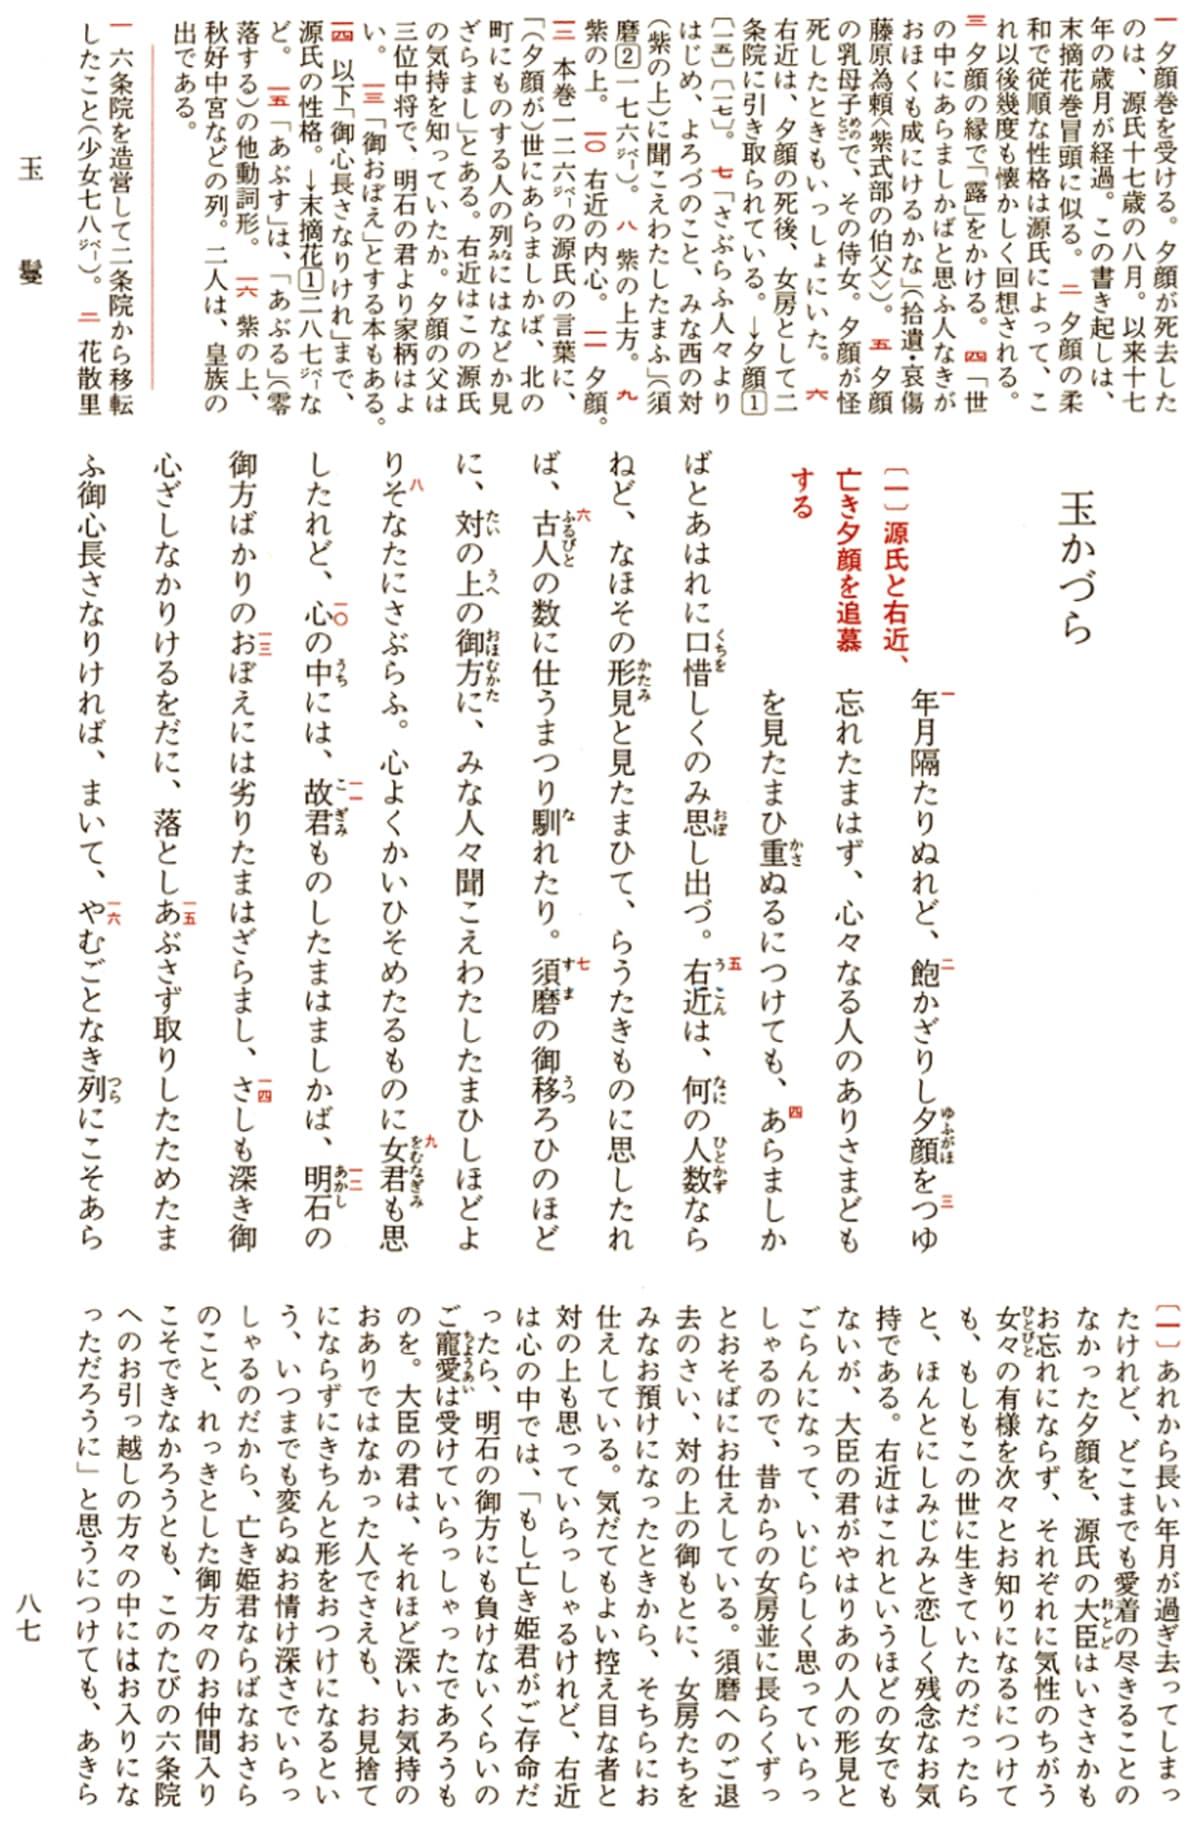 玉鬘(源氏物語) 拡大